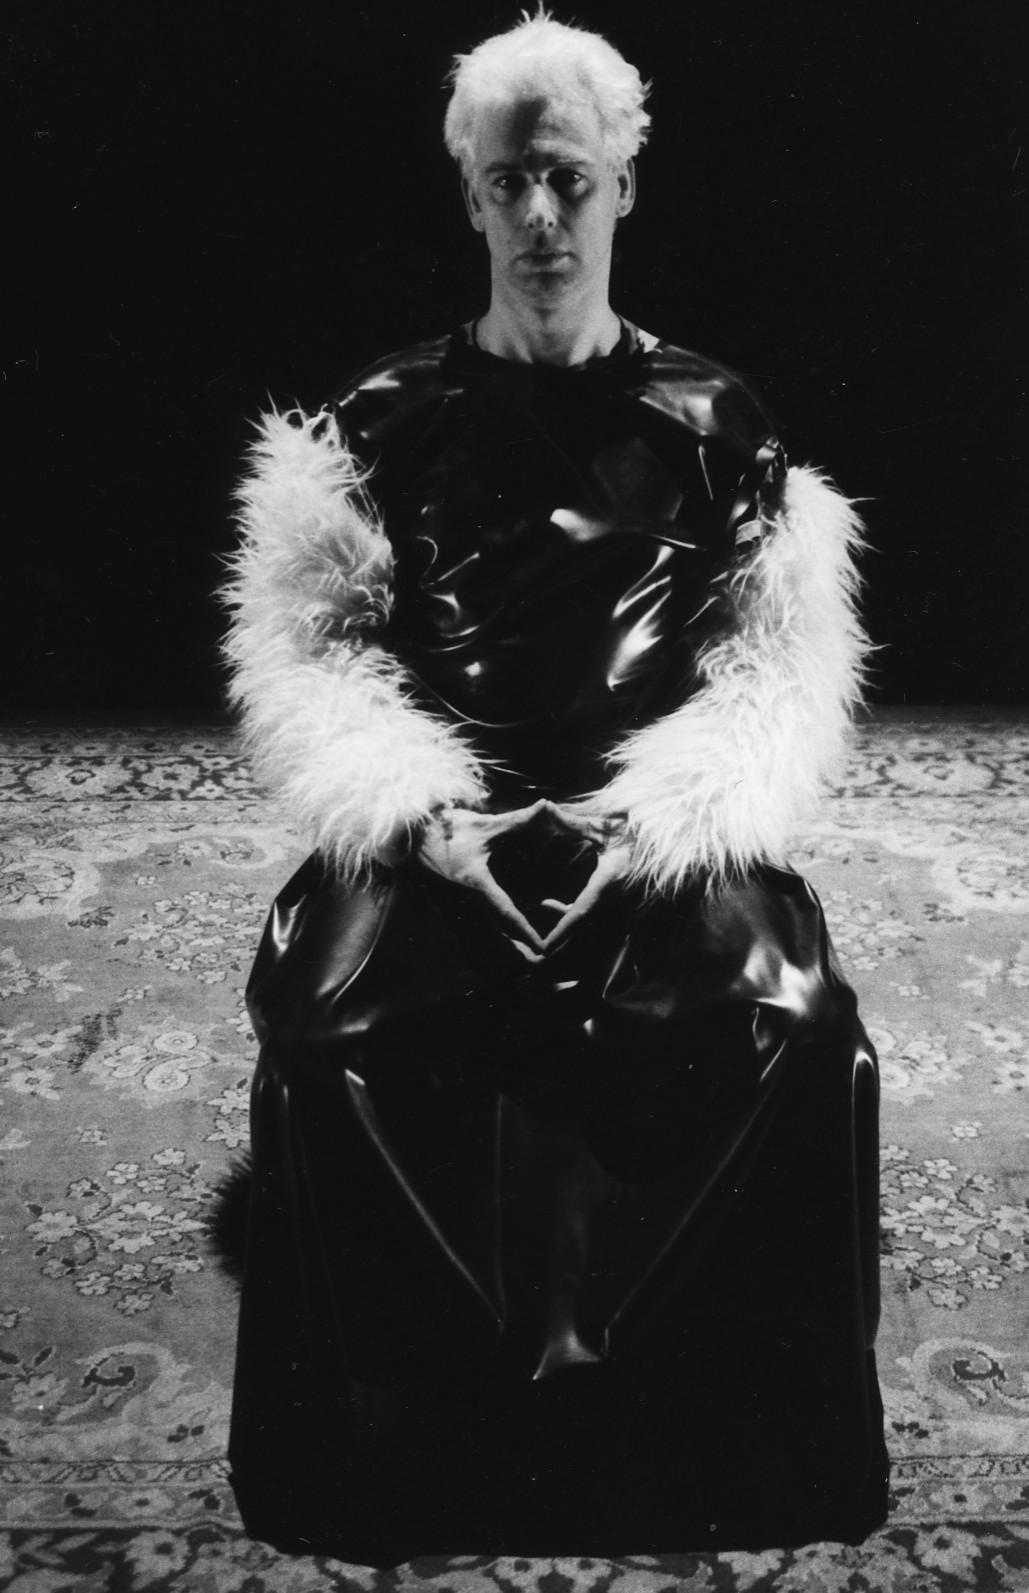 C harlie Meyrick in costume designed by Andrew Barker for Vessel.